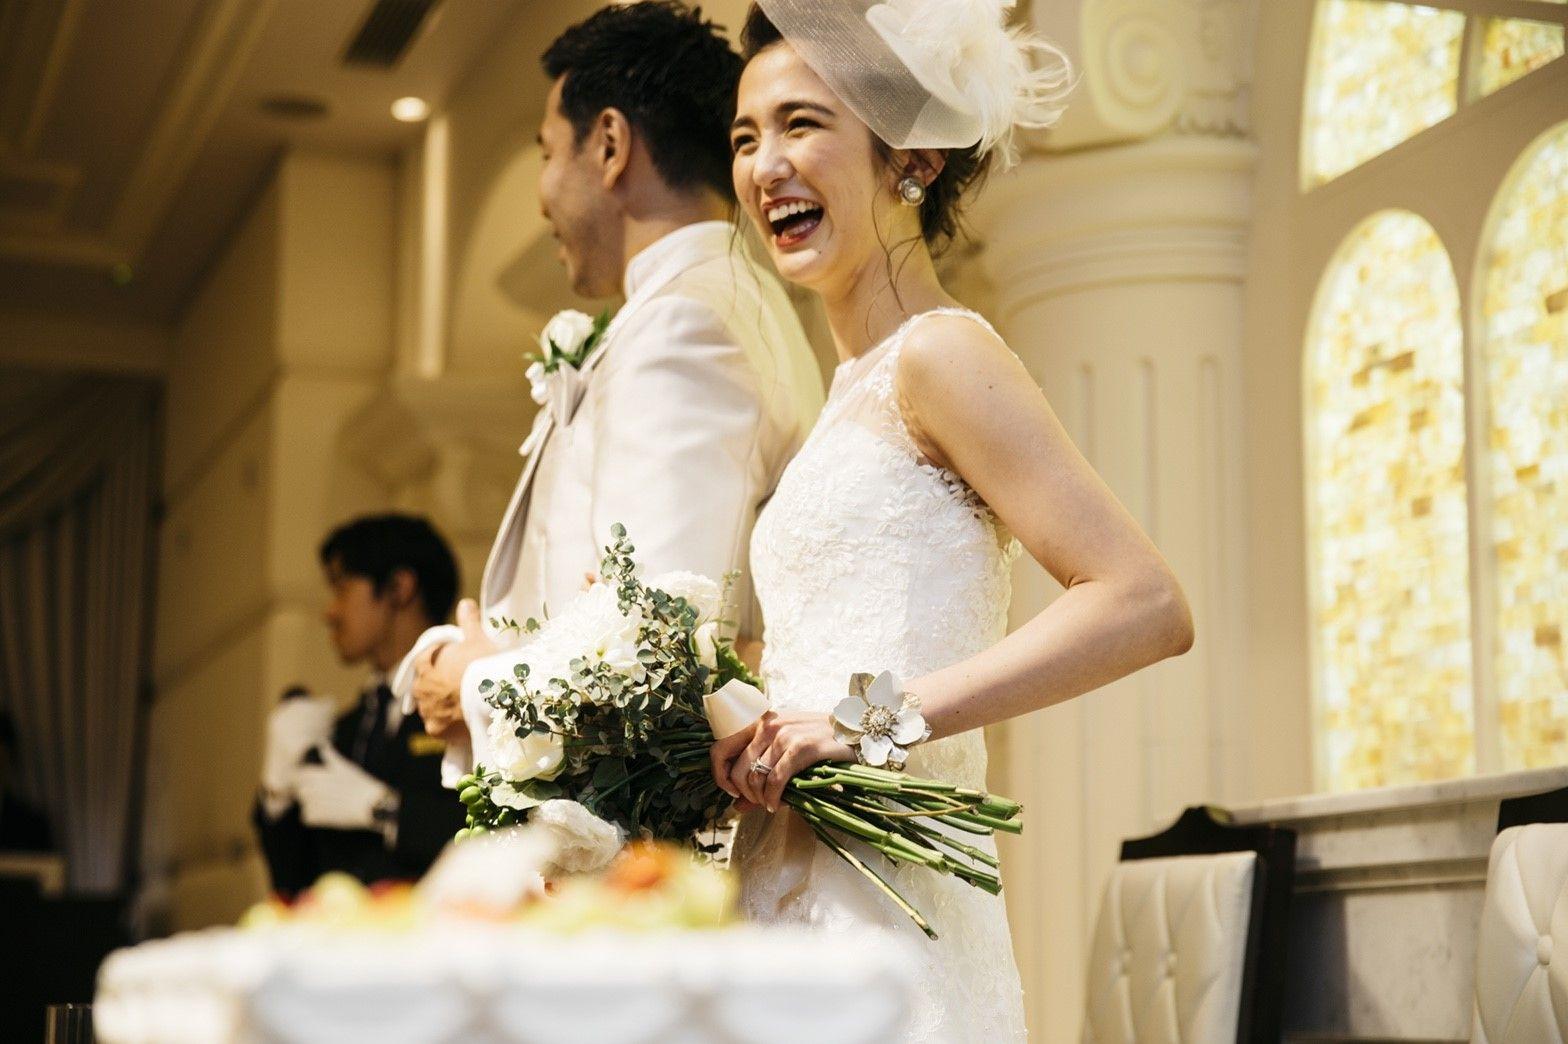 モデル 片桐ゆたか 結婚式を挙げるまでのマイルール10 ウェディング ウェディング プラン 結婚式 披露宴